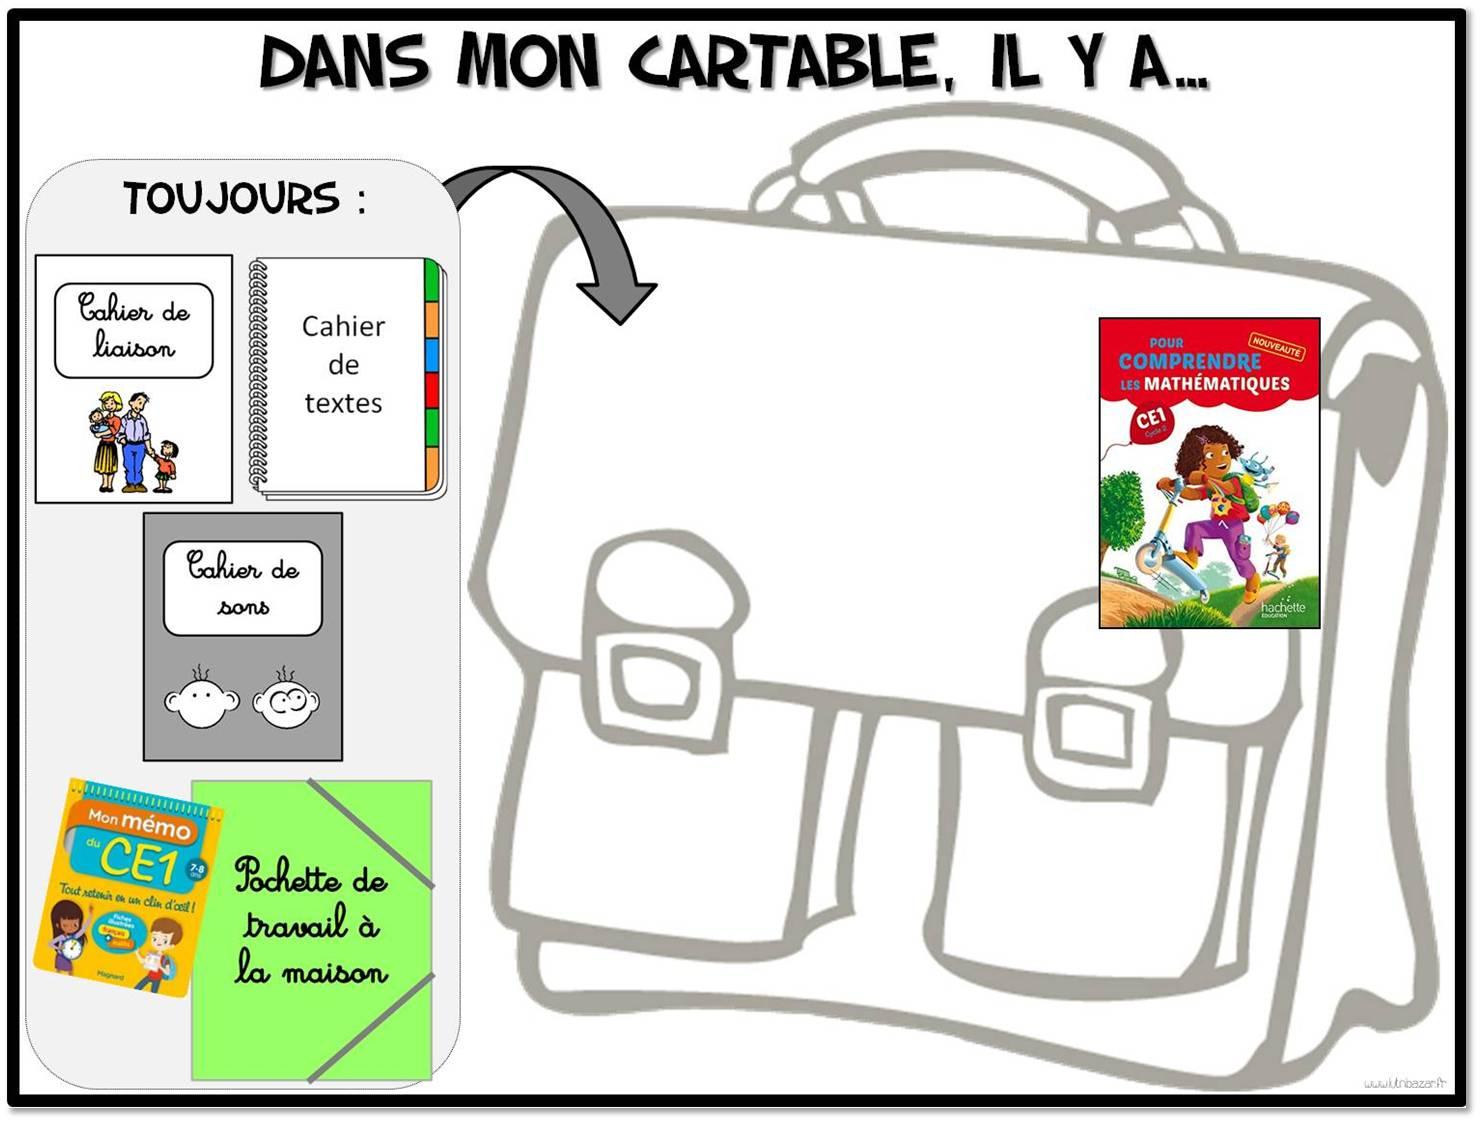 Affichage du cartable lutin bazar - Image cartable maternelle ...